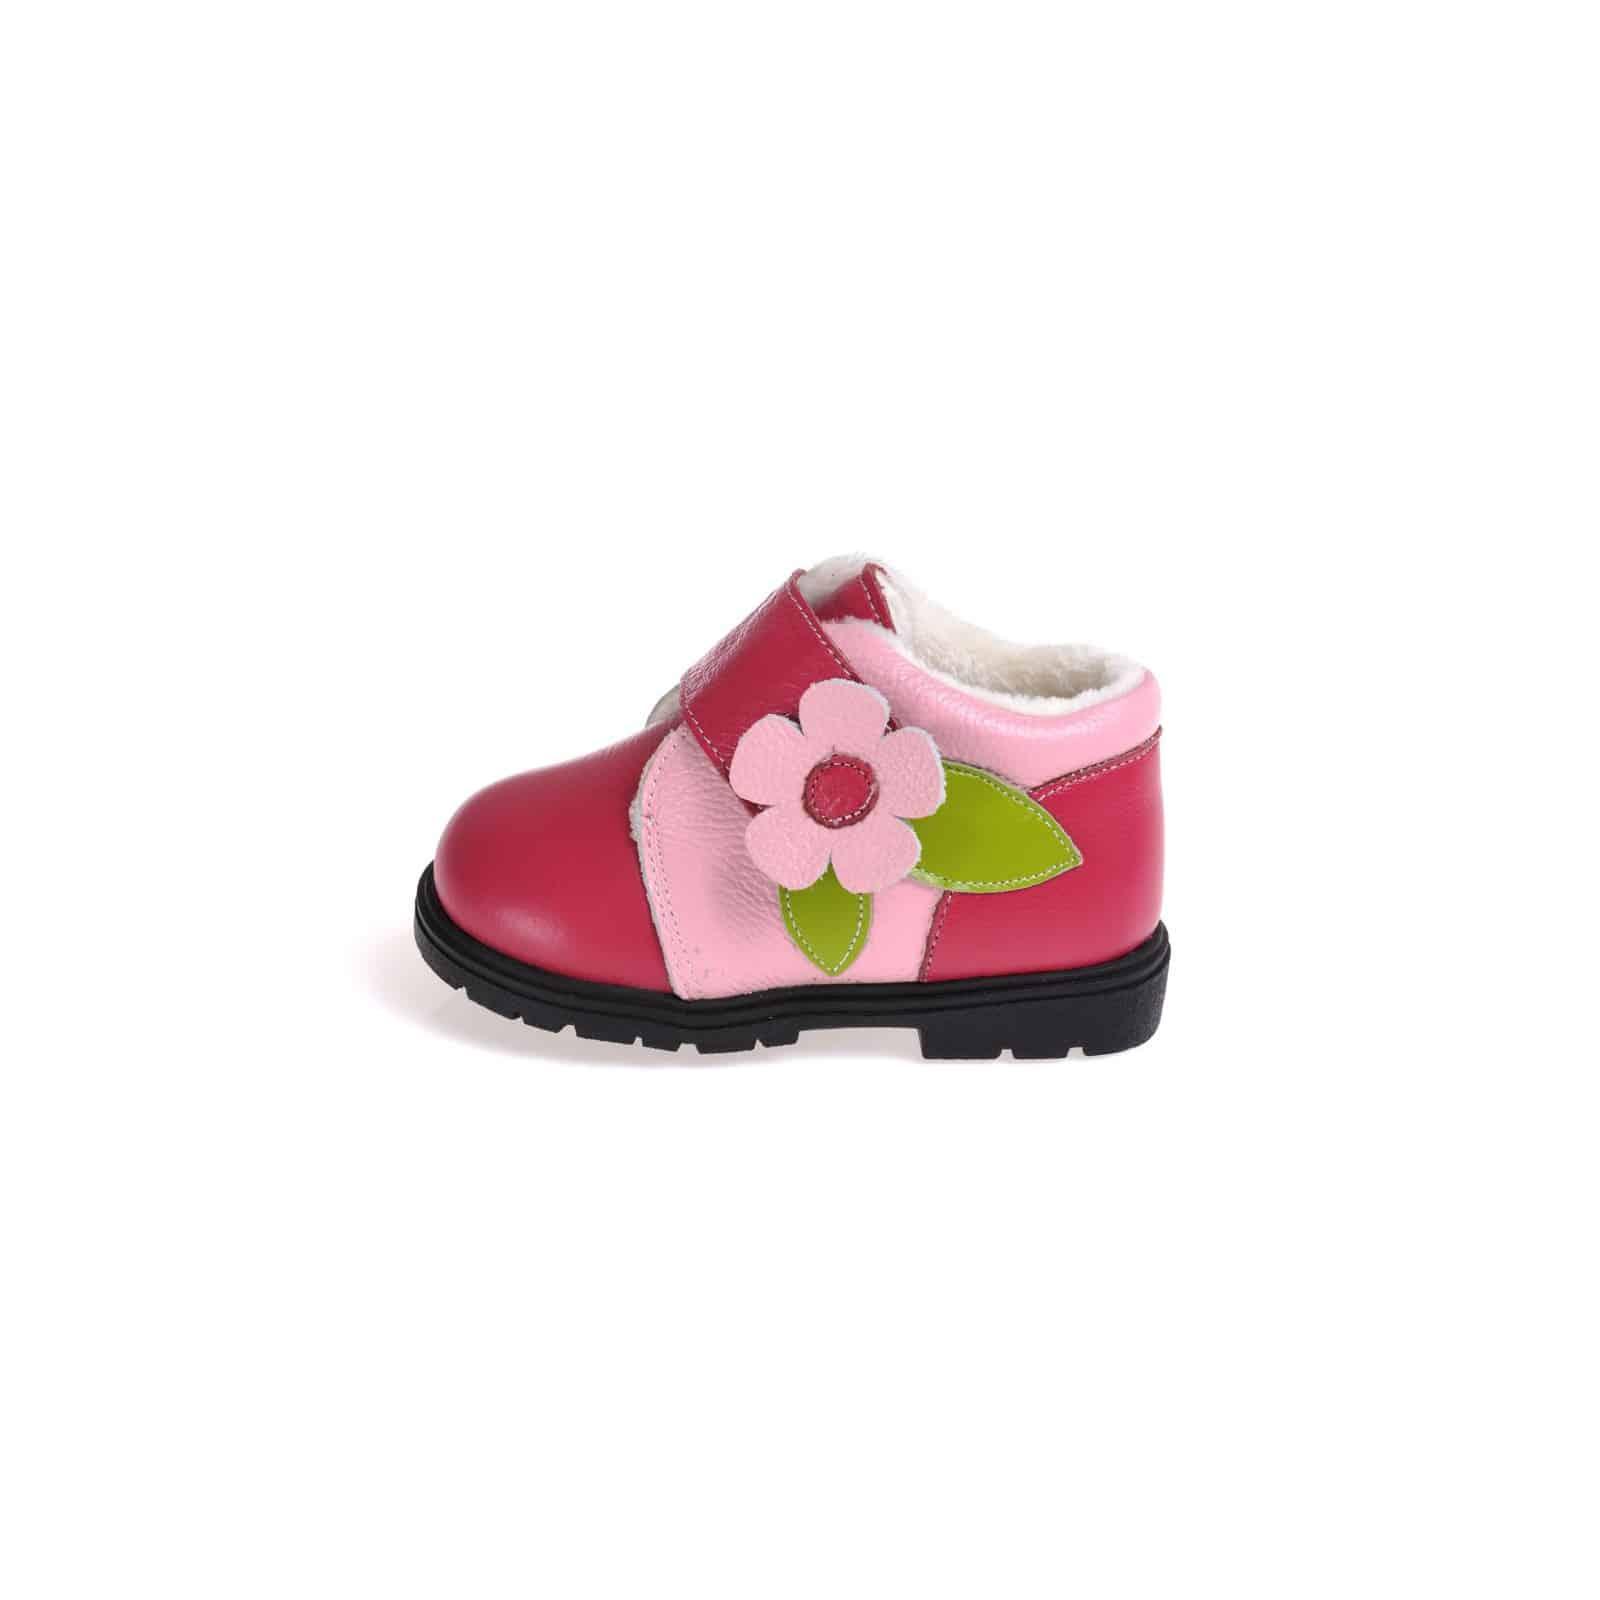 Chaussure Semelle Fleur Fleur chaussure Grosse A LUzSVpGqM